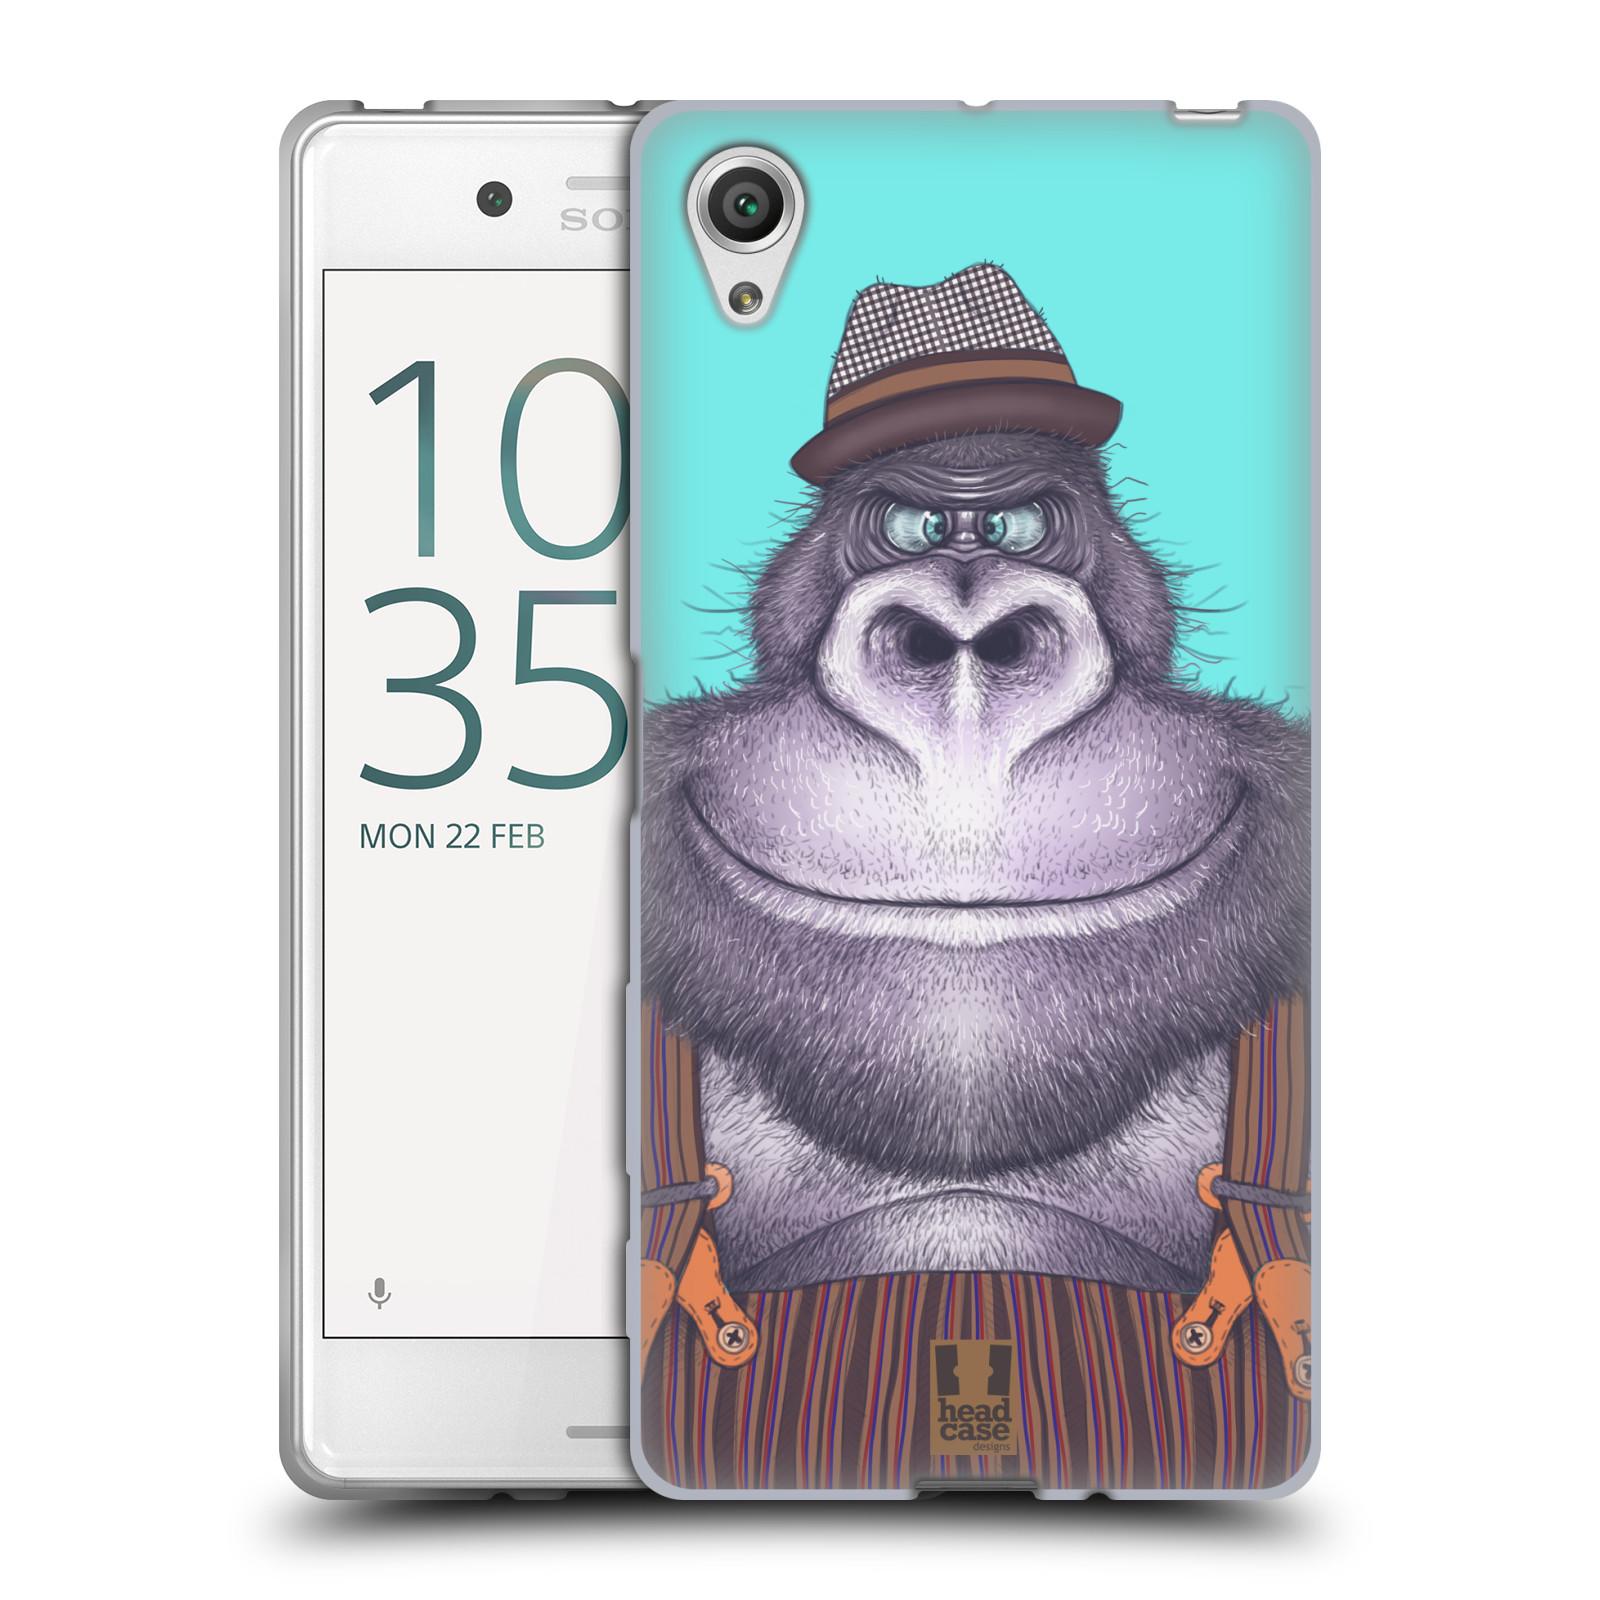 HEAD CASE silikonový obal na mobil Sony Xperia X / X DUAL vzor Kreslená zvířátka gorila